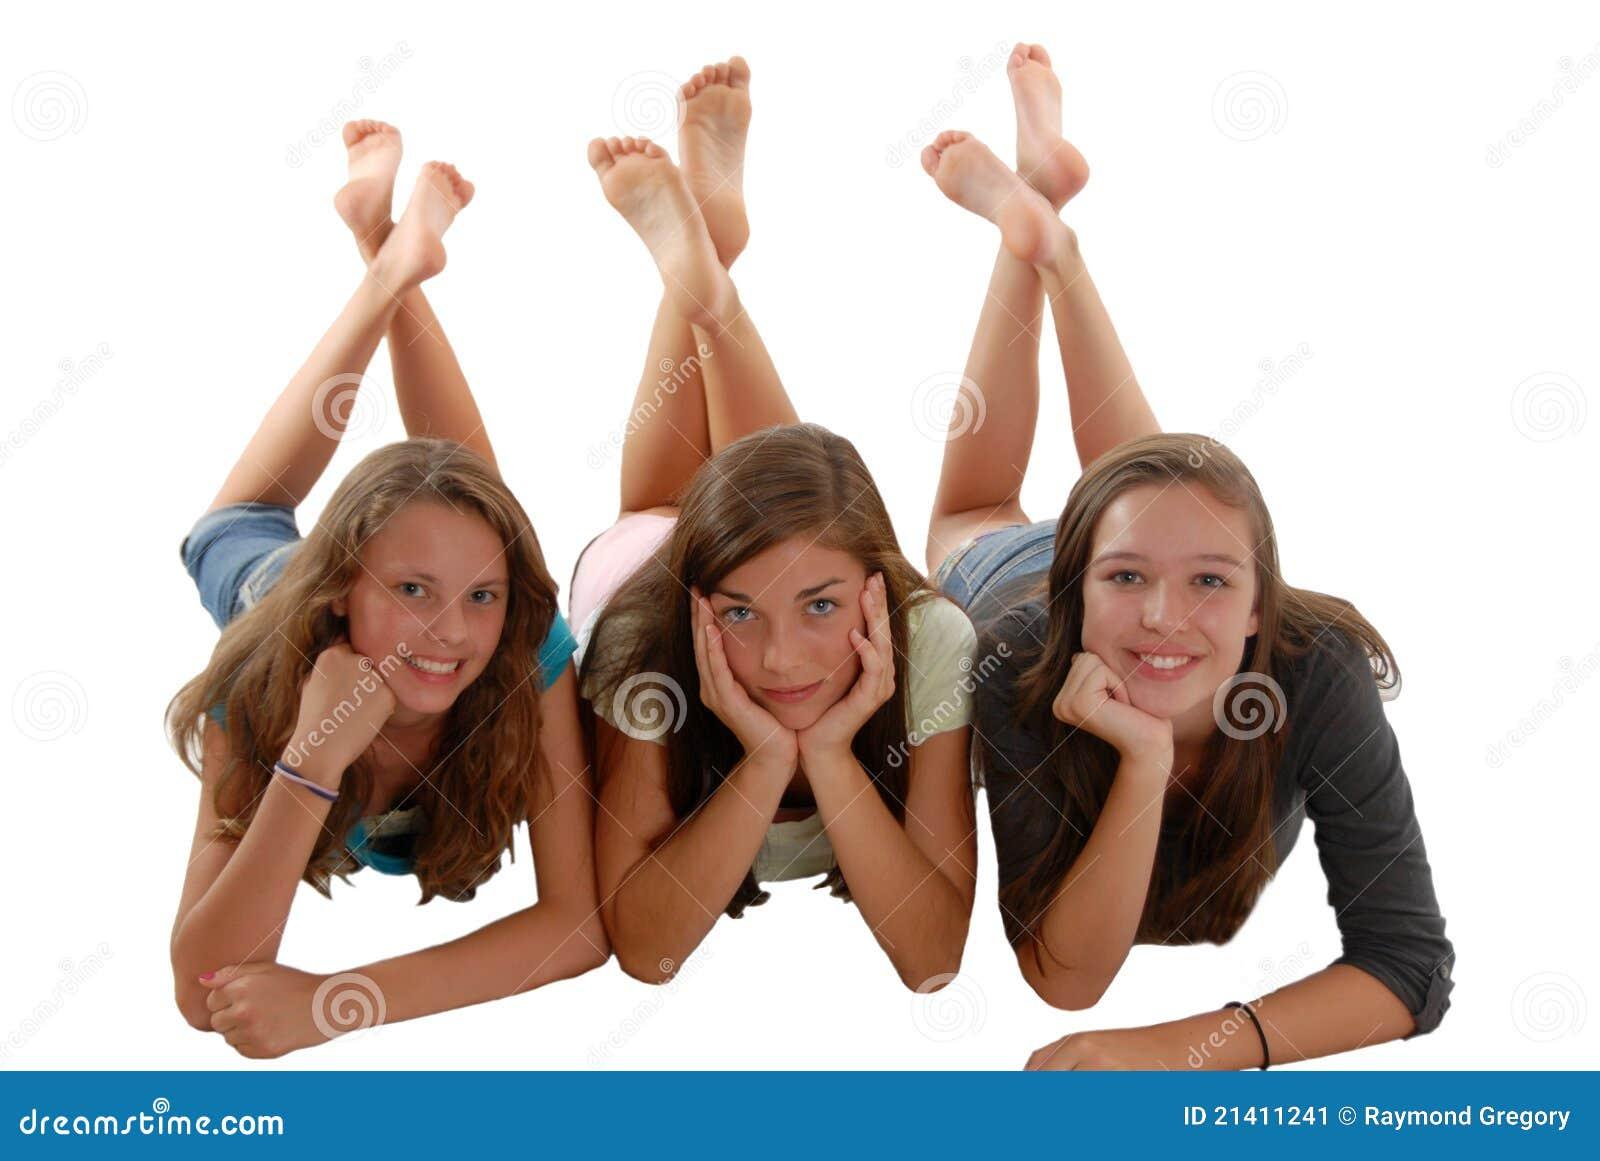 Фото ног девушек подростков 21 фотография